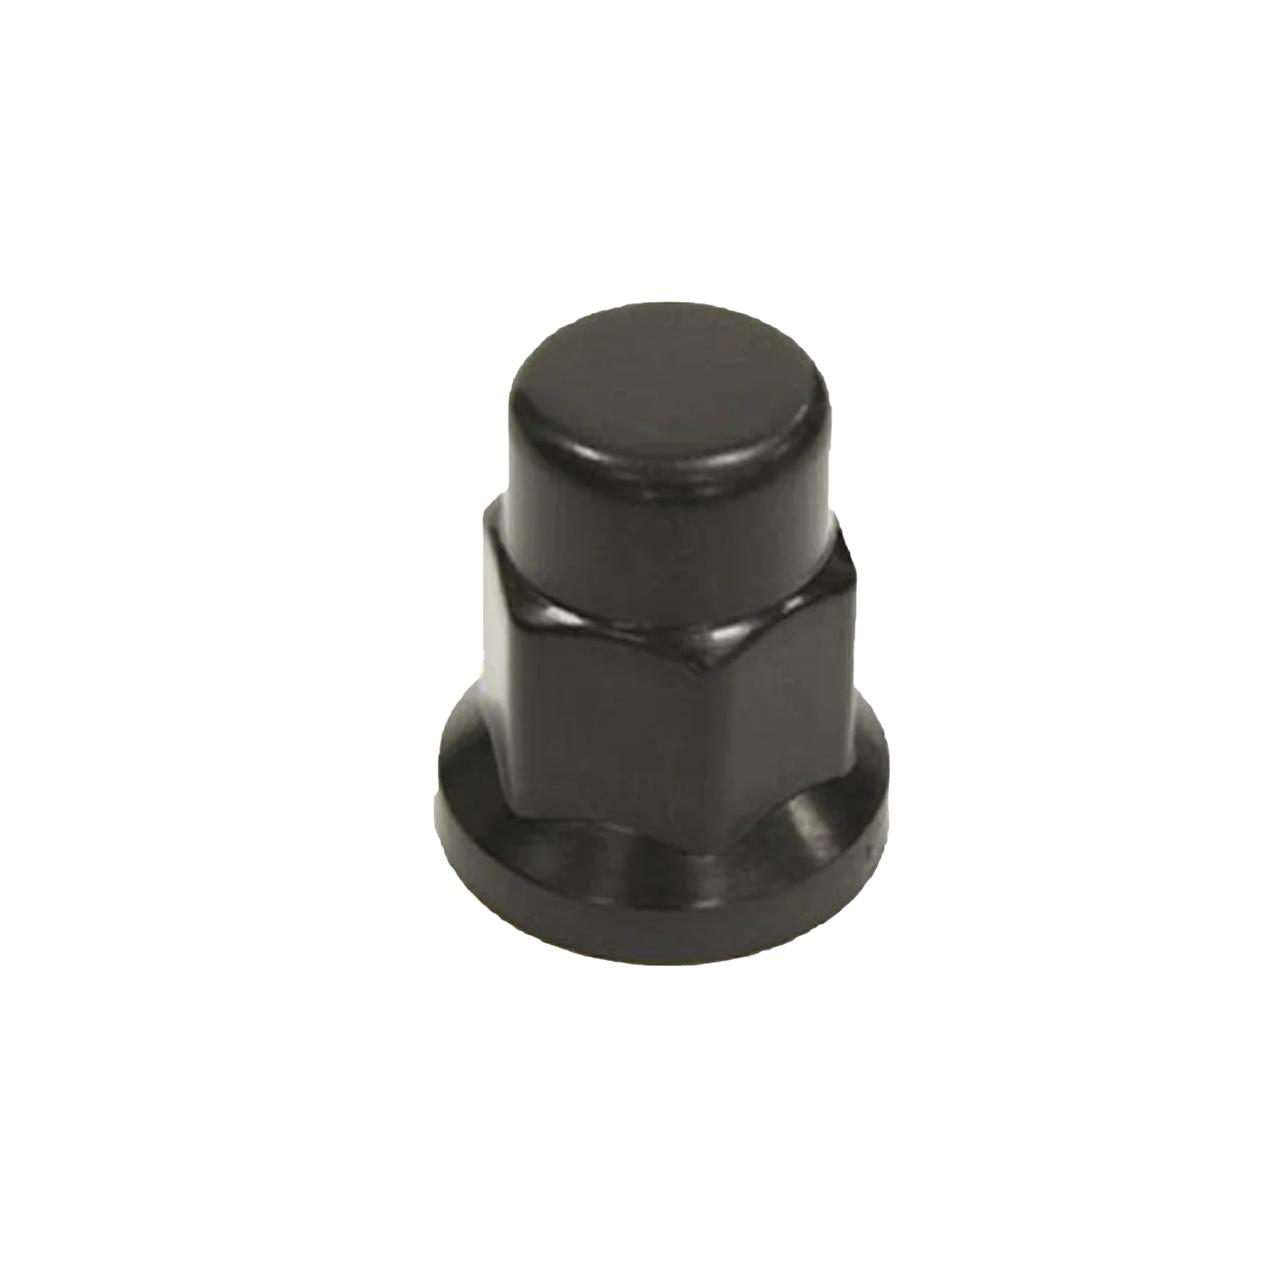 Колпачок пластиковый удлиненный на гайку 33 черного цвета